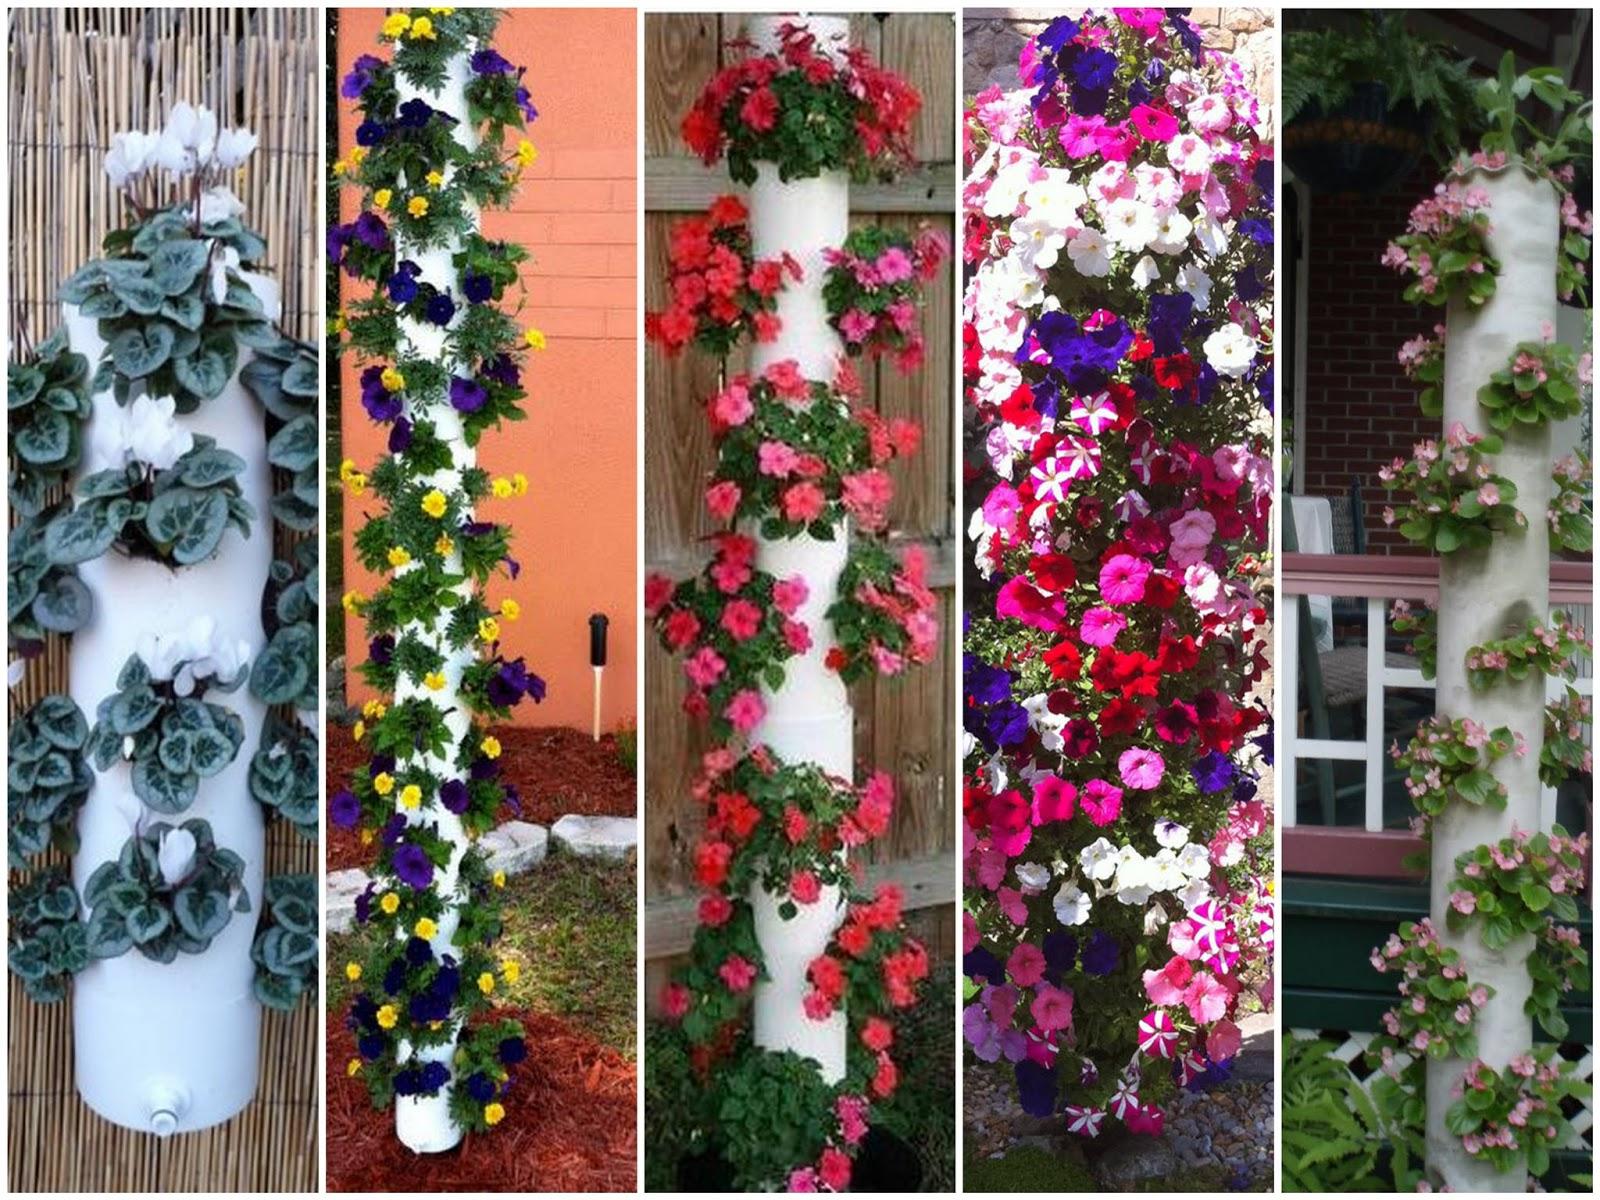 Plantas do meu jardim crie torres de cano de pvc e plante for Casas para jardin de pvc